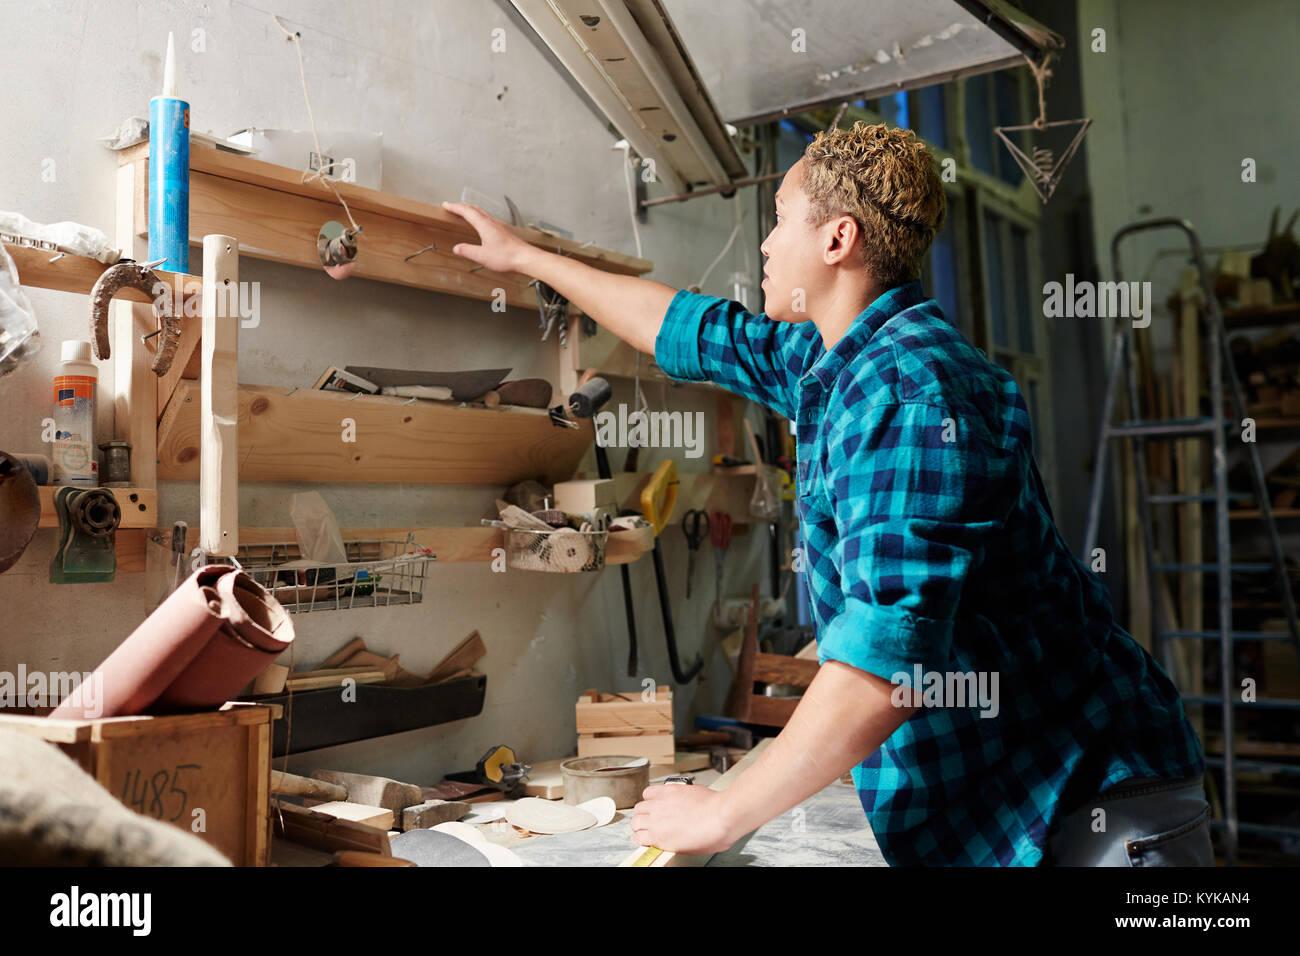 Artisan at work - Stock Image